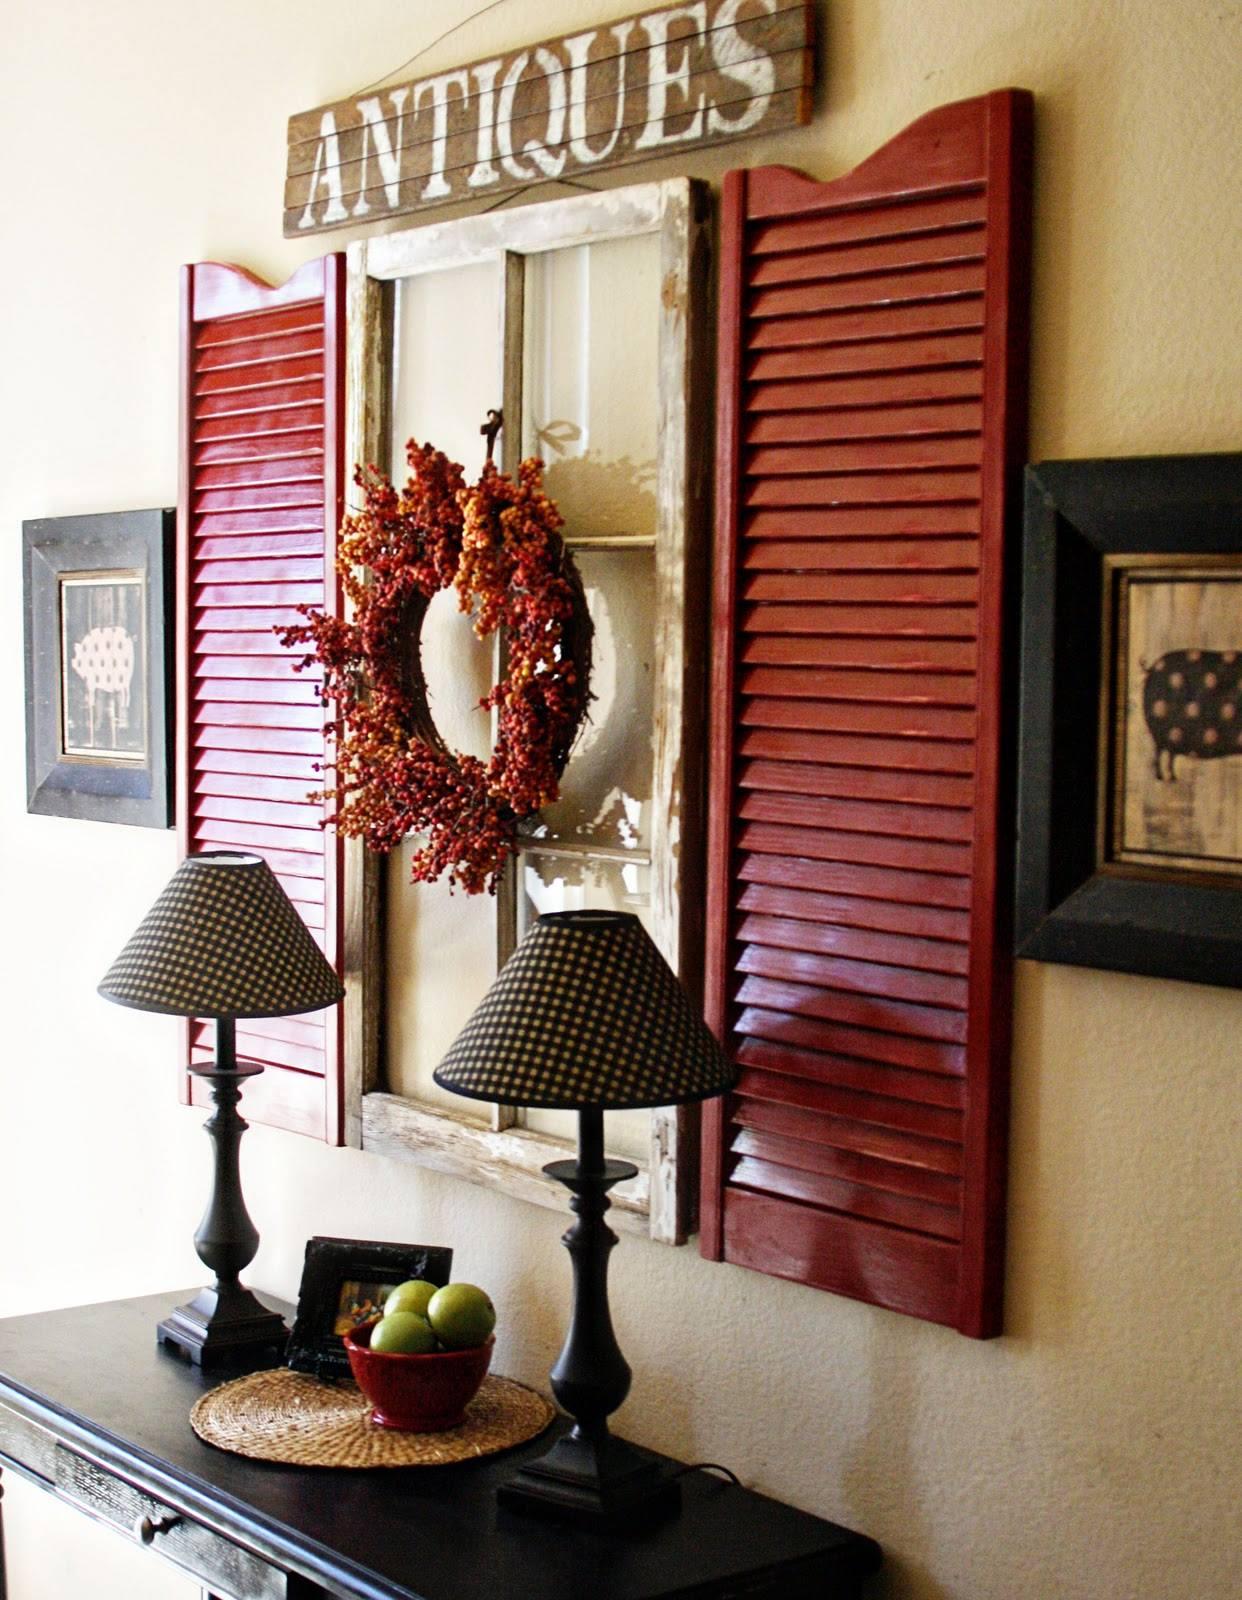 Great Rustic Entryway Décor Idea: Add a Pop of Color